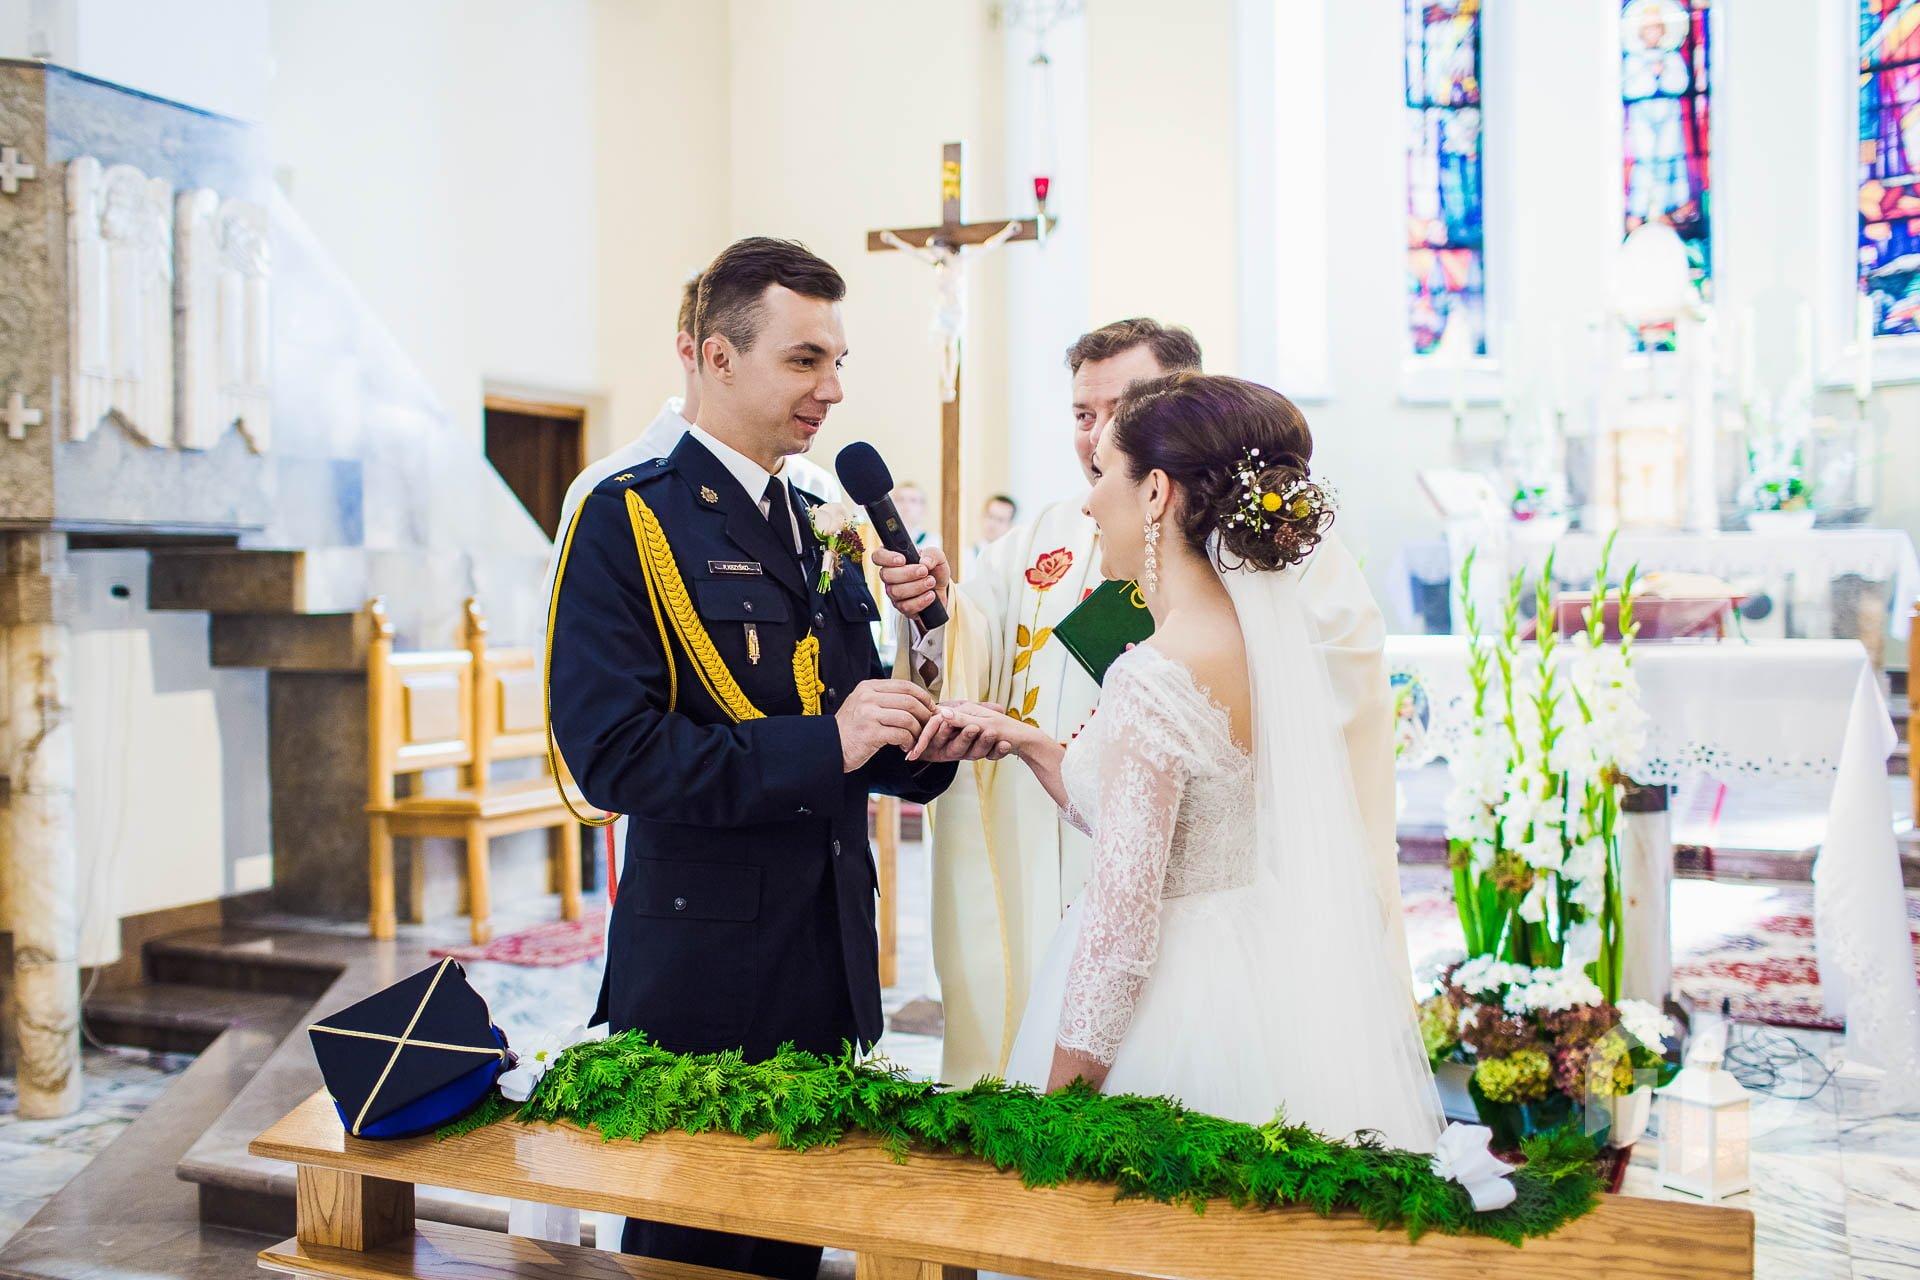 tekst przysięgi małżeńskiej